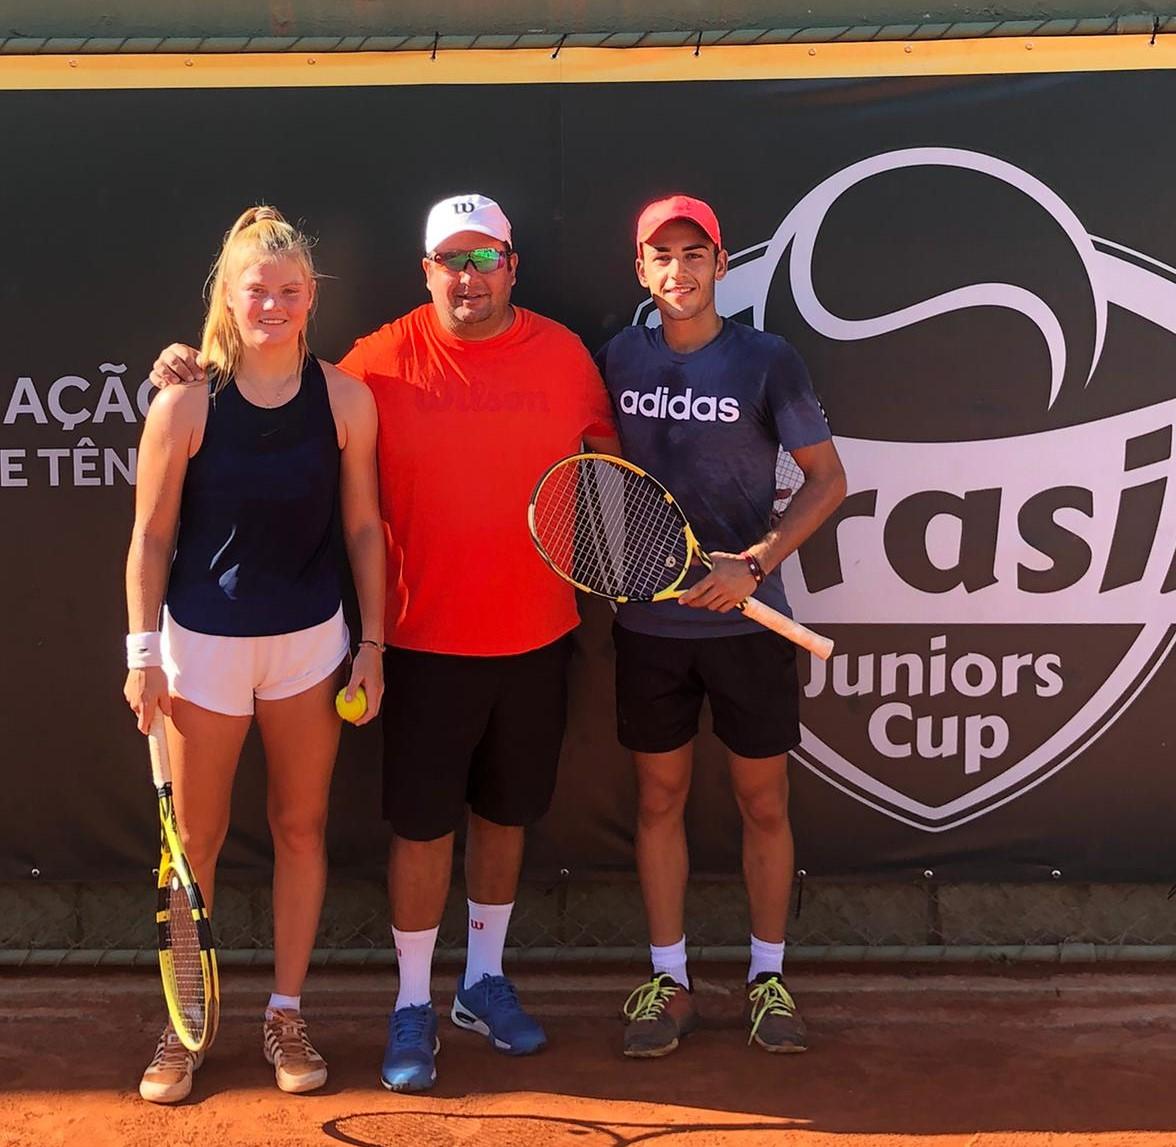 [NOTICIA] @angelguerrero02 entra en el top ITF junior por primera vez en su carrera (puesto 99). @clarine2003 sube hasta el puesto 150, también su mejor ranking. ¡Enhorabuena! http://tgatennis.es/angel-guerrero-y-clarine-lerby-dan-un-salto-de-calidad-en-el-circuito-internacional-junior-en-brasil/… #TGATennis #ITFjuniors #tennisplayers pic.twitter.com/diFyg8bhOs